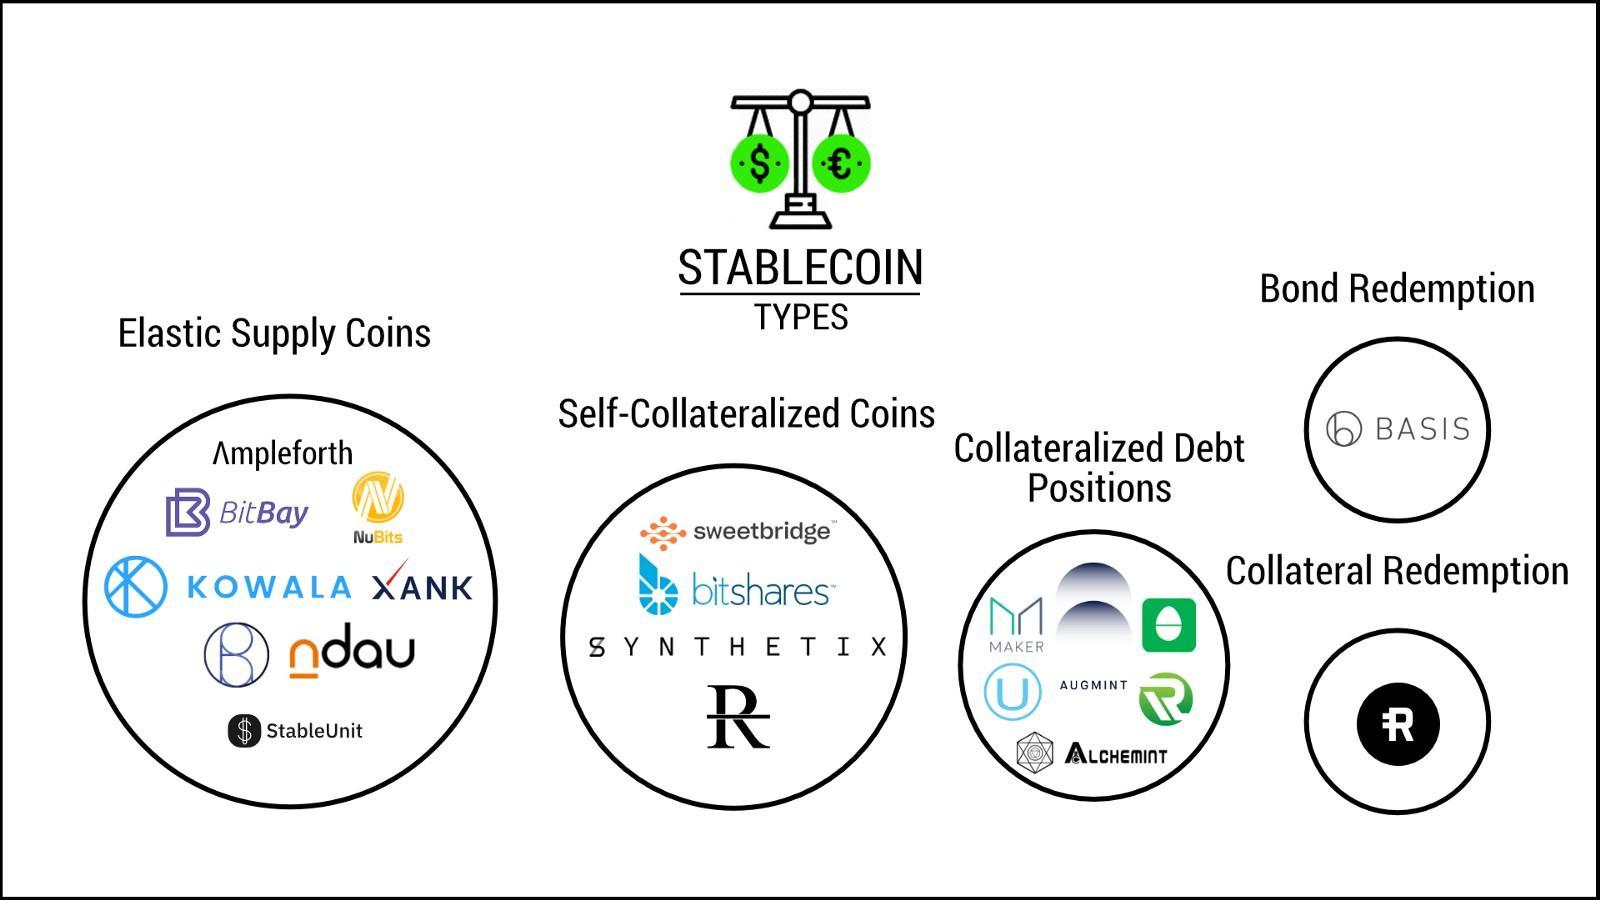 蓝狐创始人指出:分散稳定货币总市值有望超过50亿美元插图